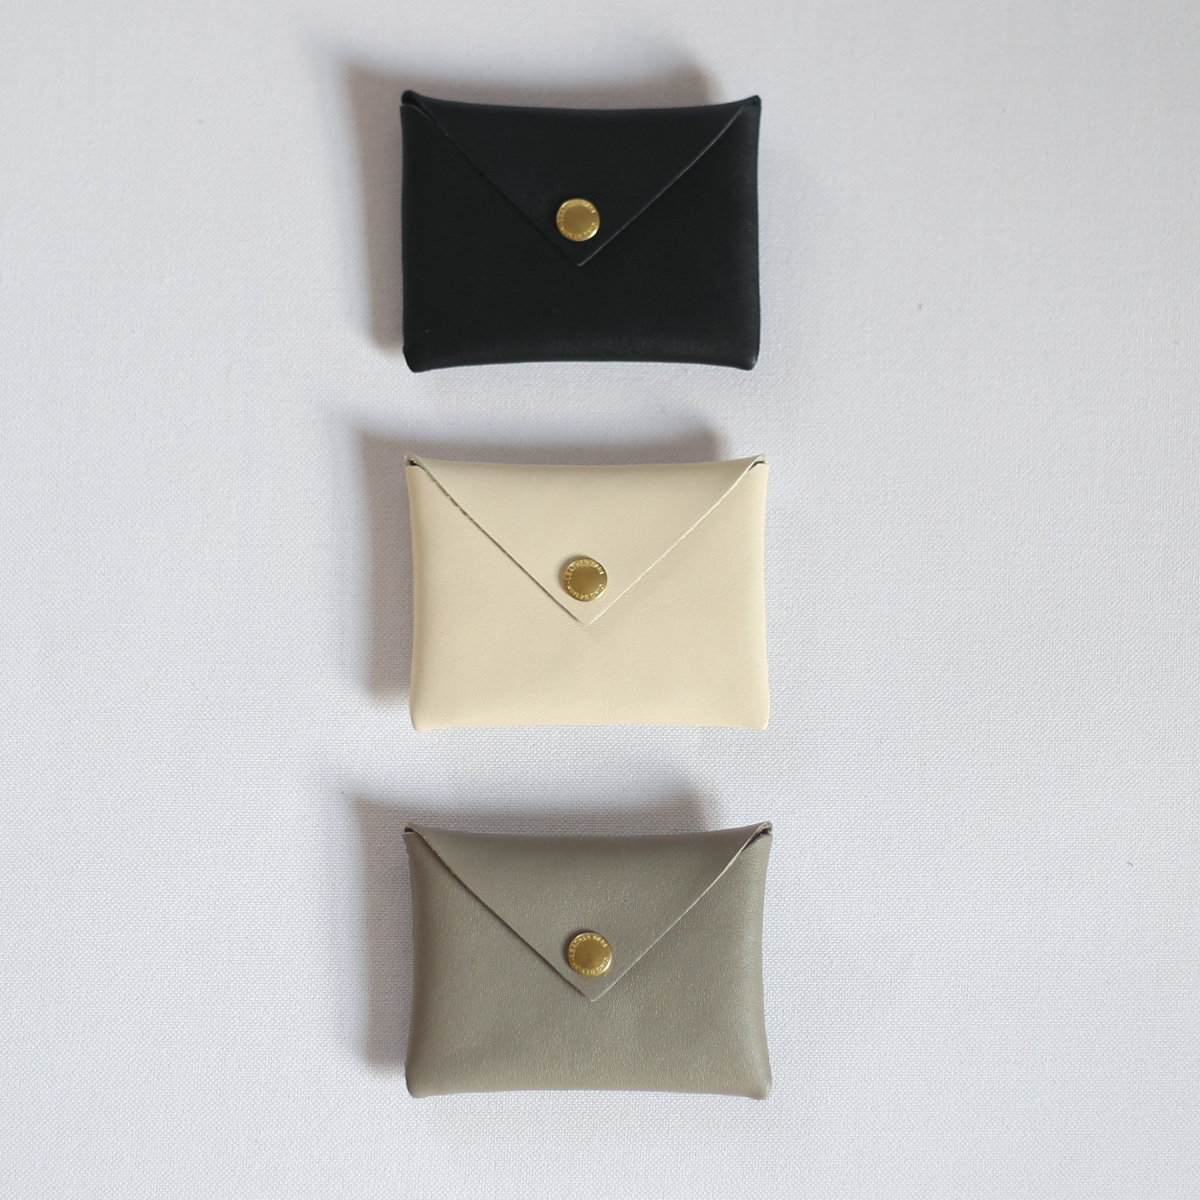 CINQ サンク スナップユニット財布 激安超特価 カードケース アイボリー グレー 特別セール品 ブラック